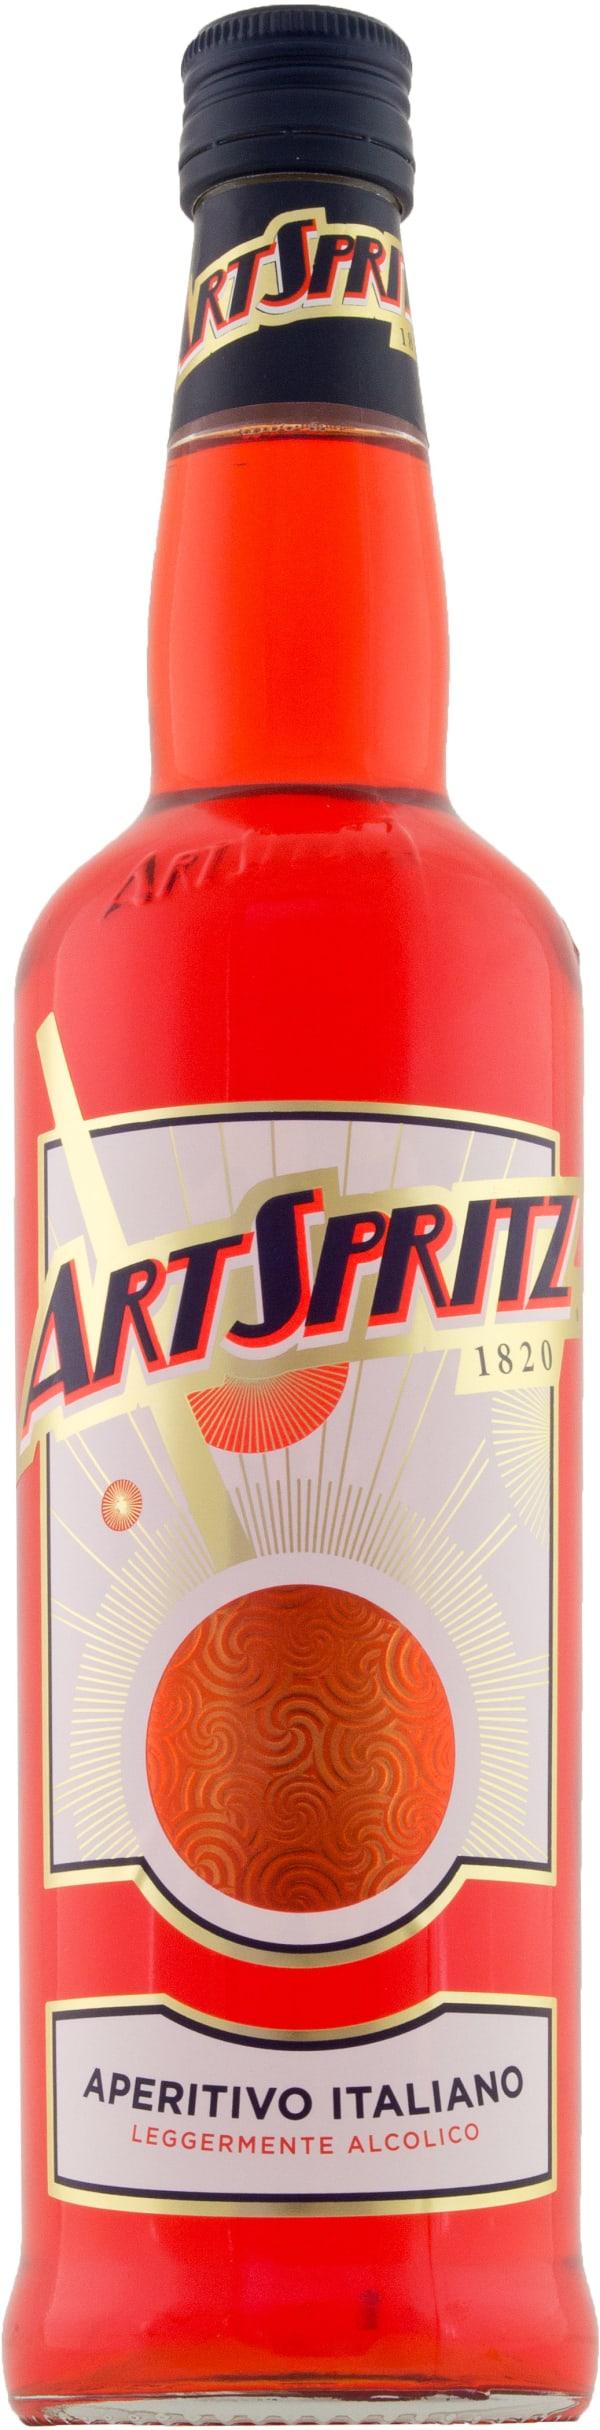 ArtSpritz